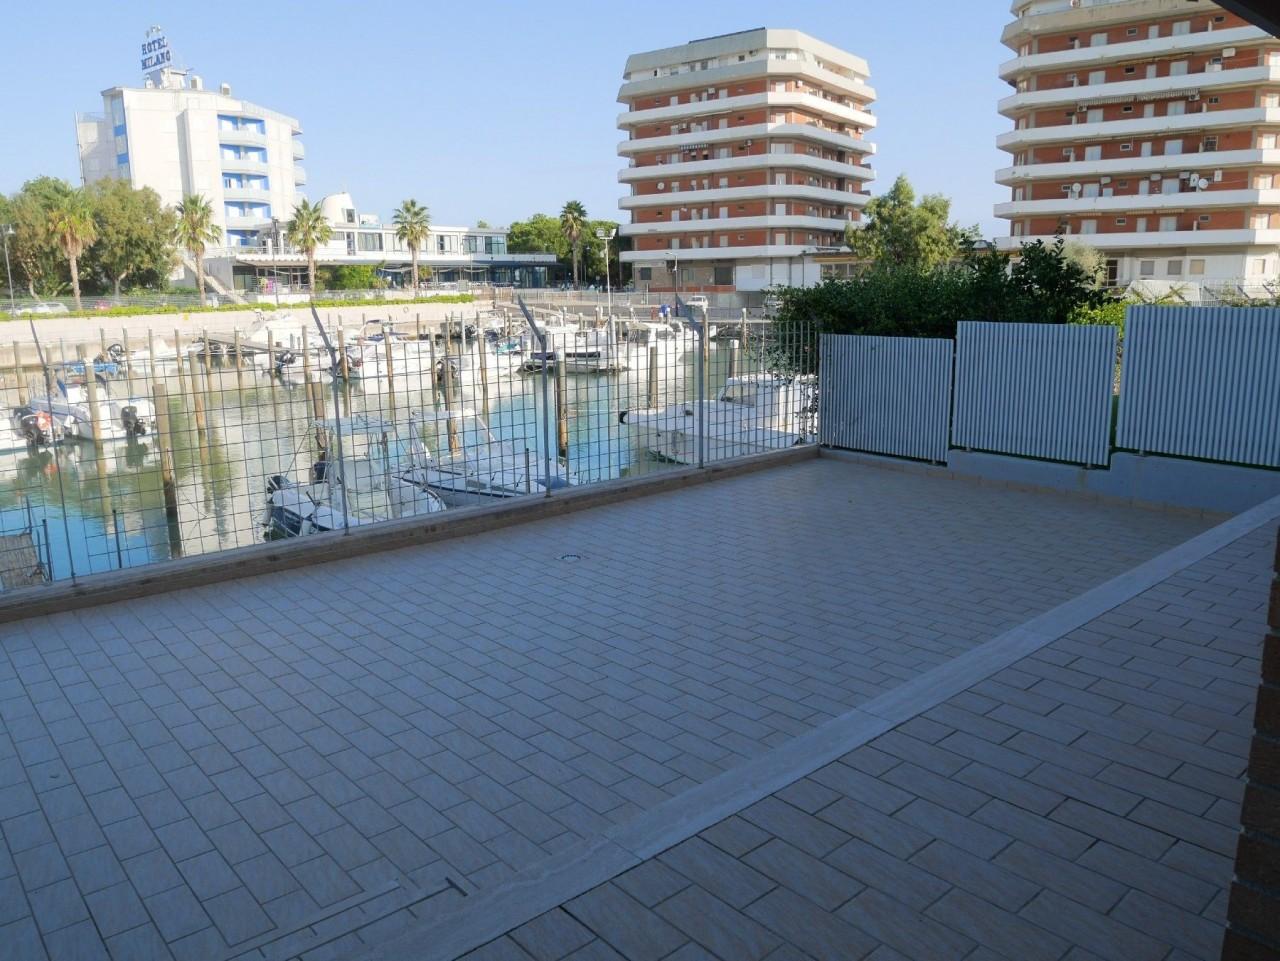 Appartamento in vendita a Montenero di Bisaccia, 5 locali, prezzo € 183.000 | PortaleAgenzieImmobiliari.it